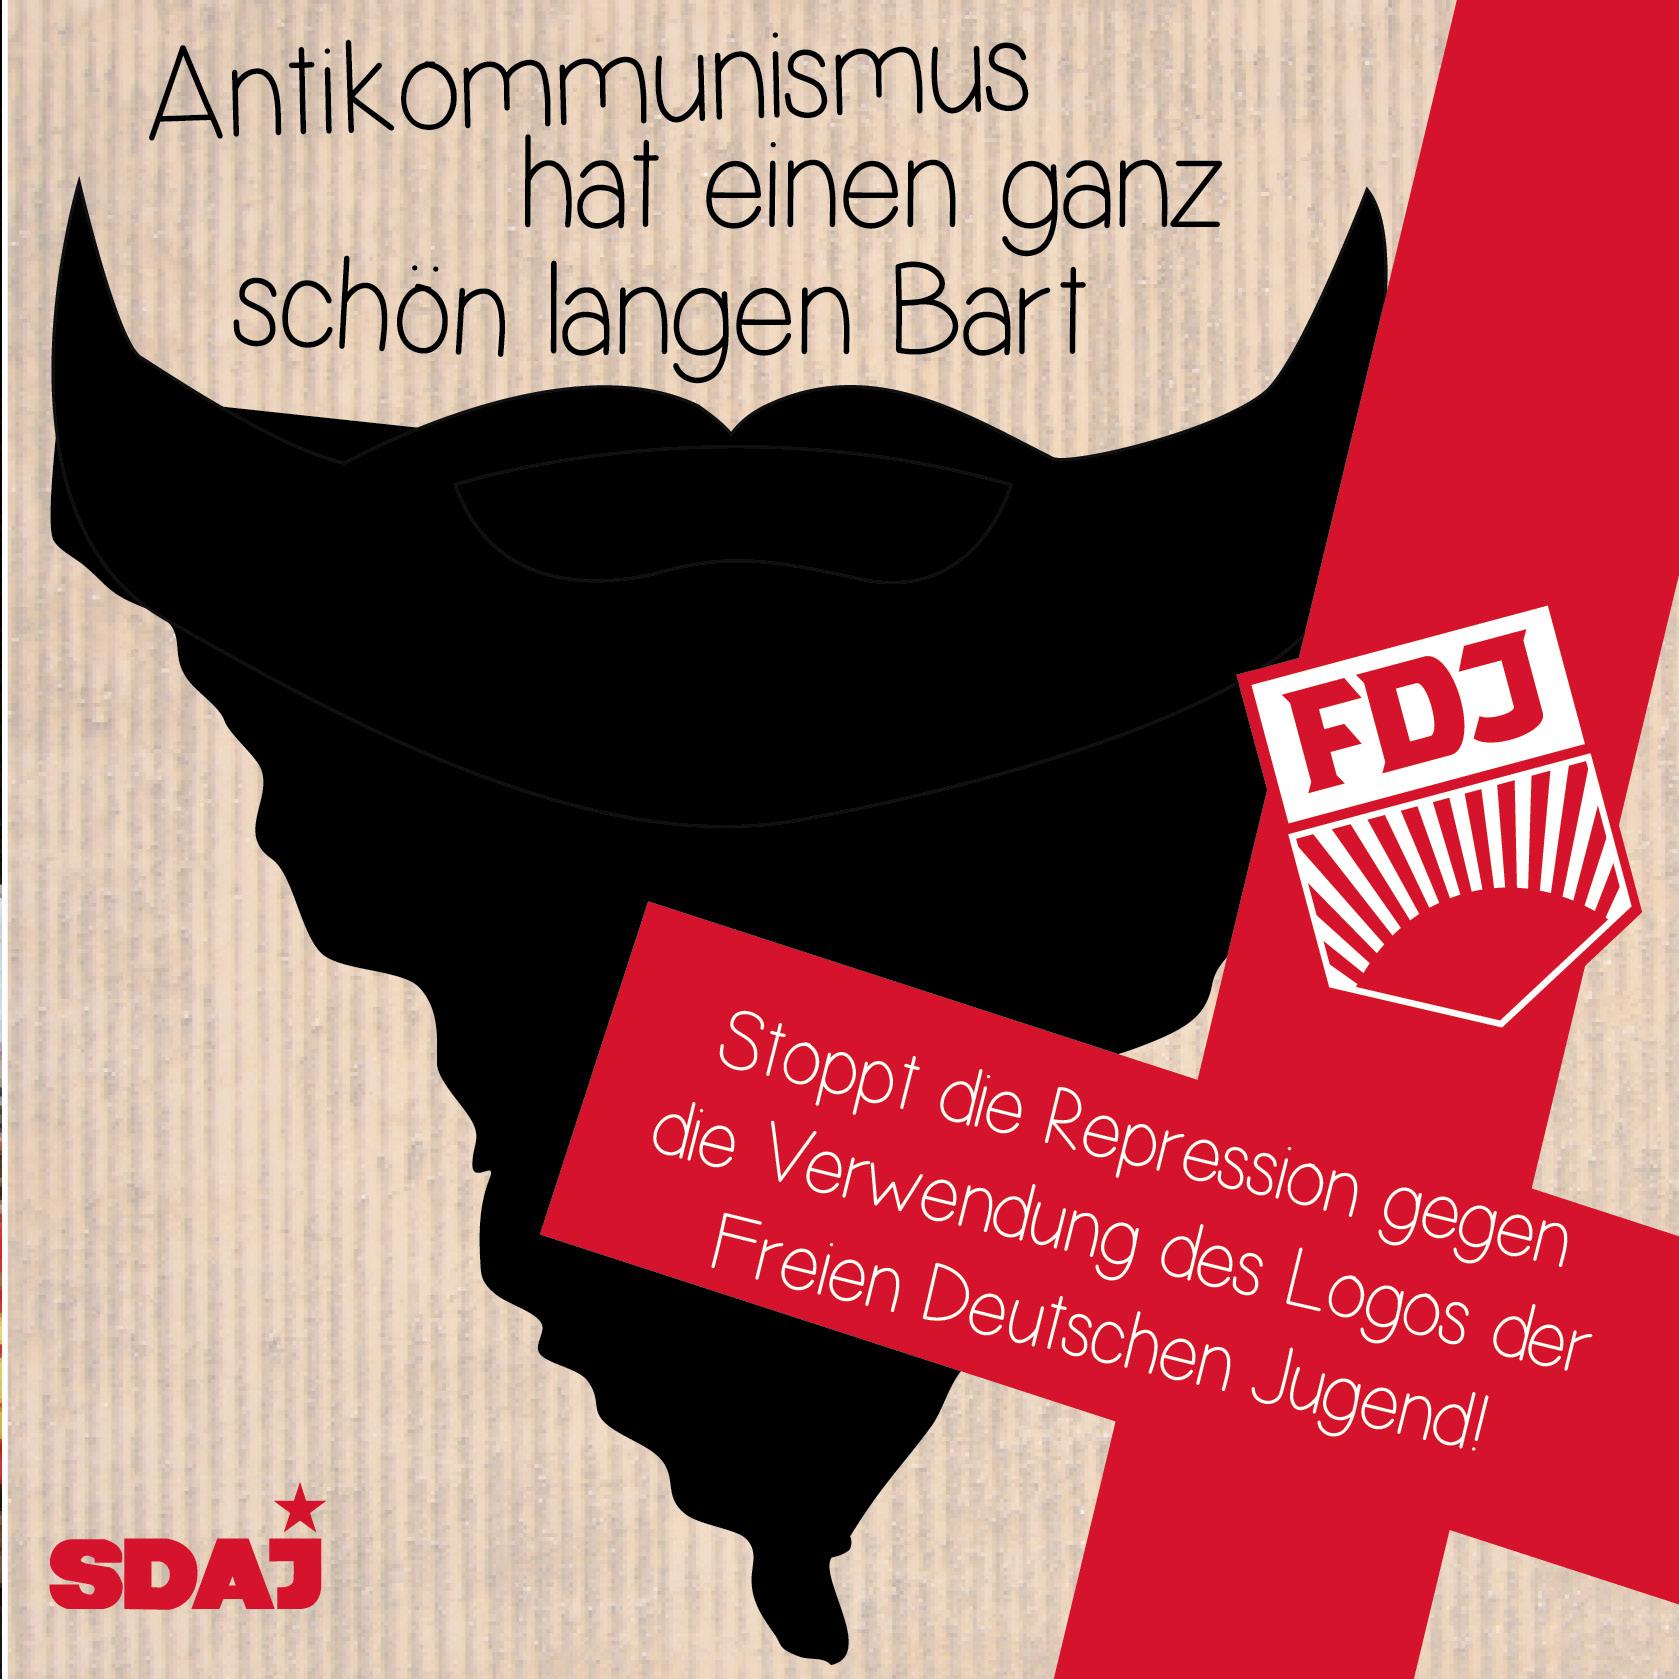 Gegen antikommunistische Repression wehren!